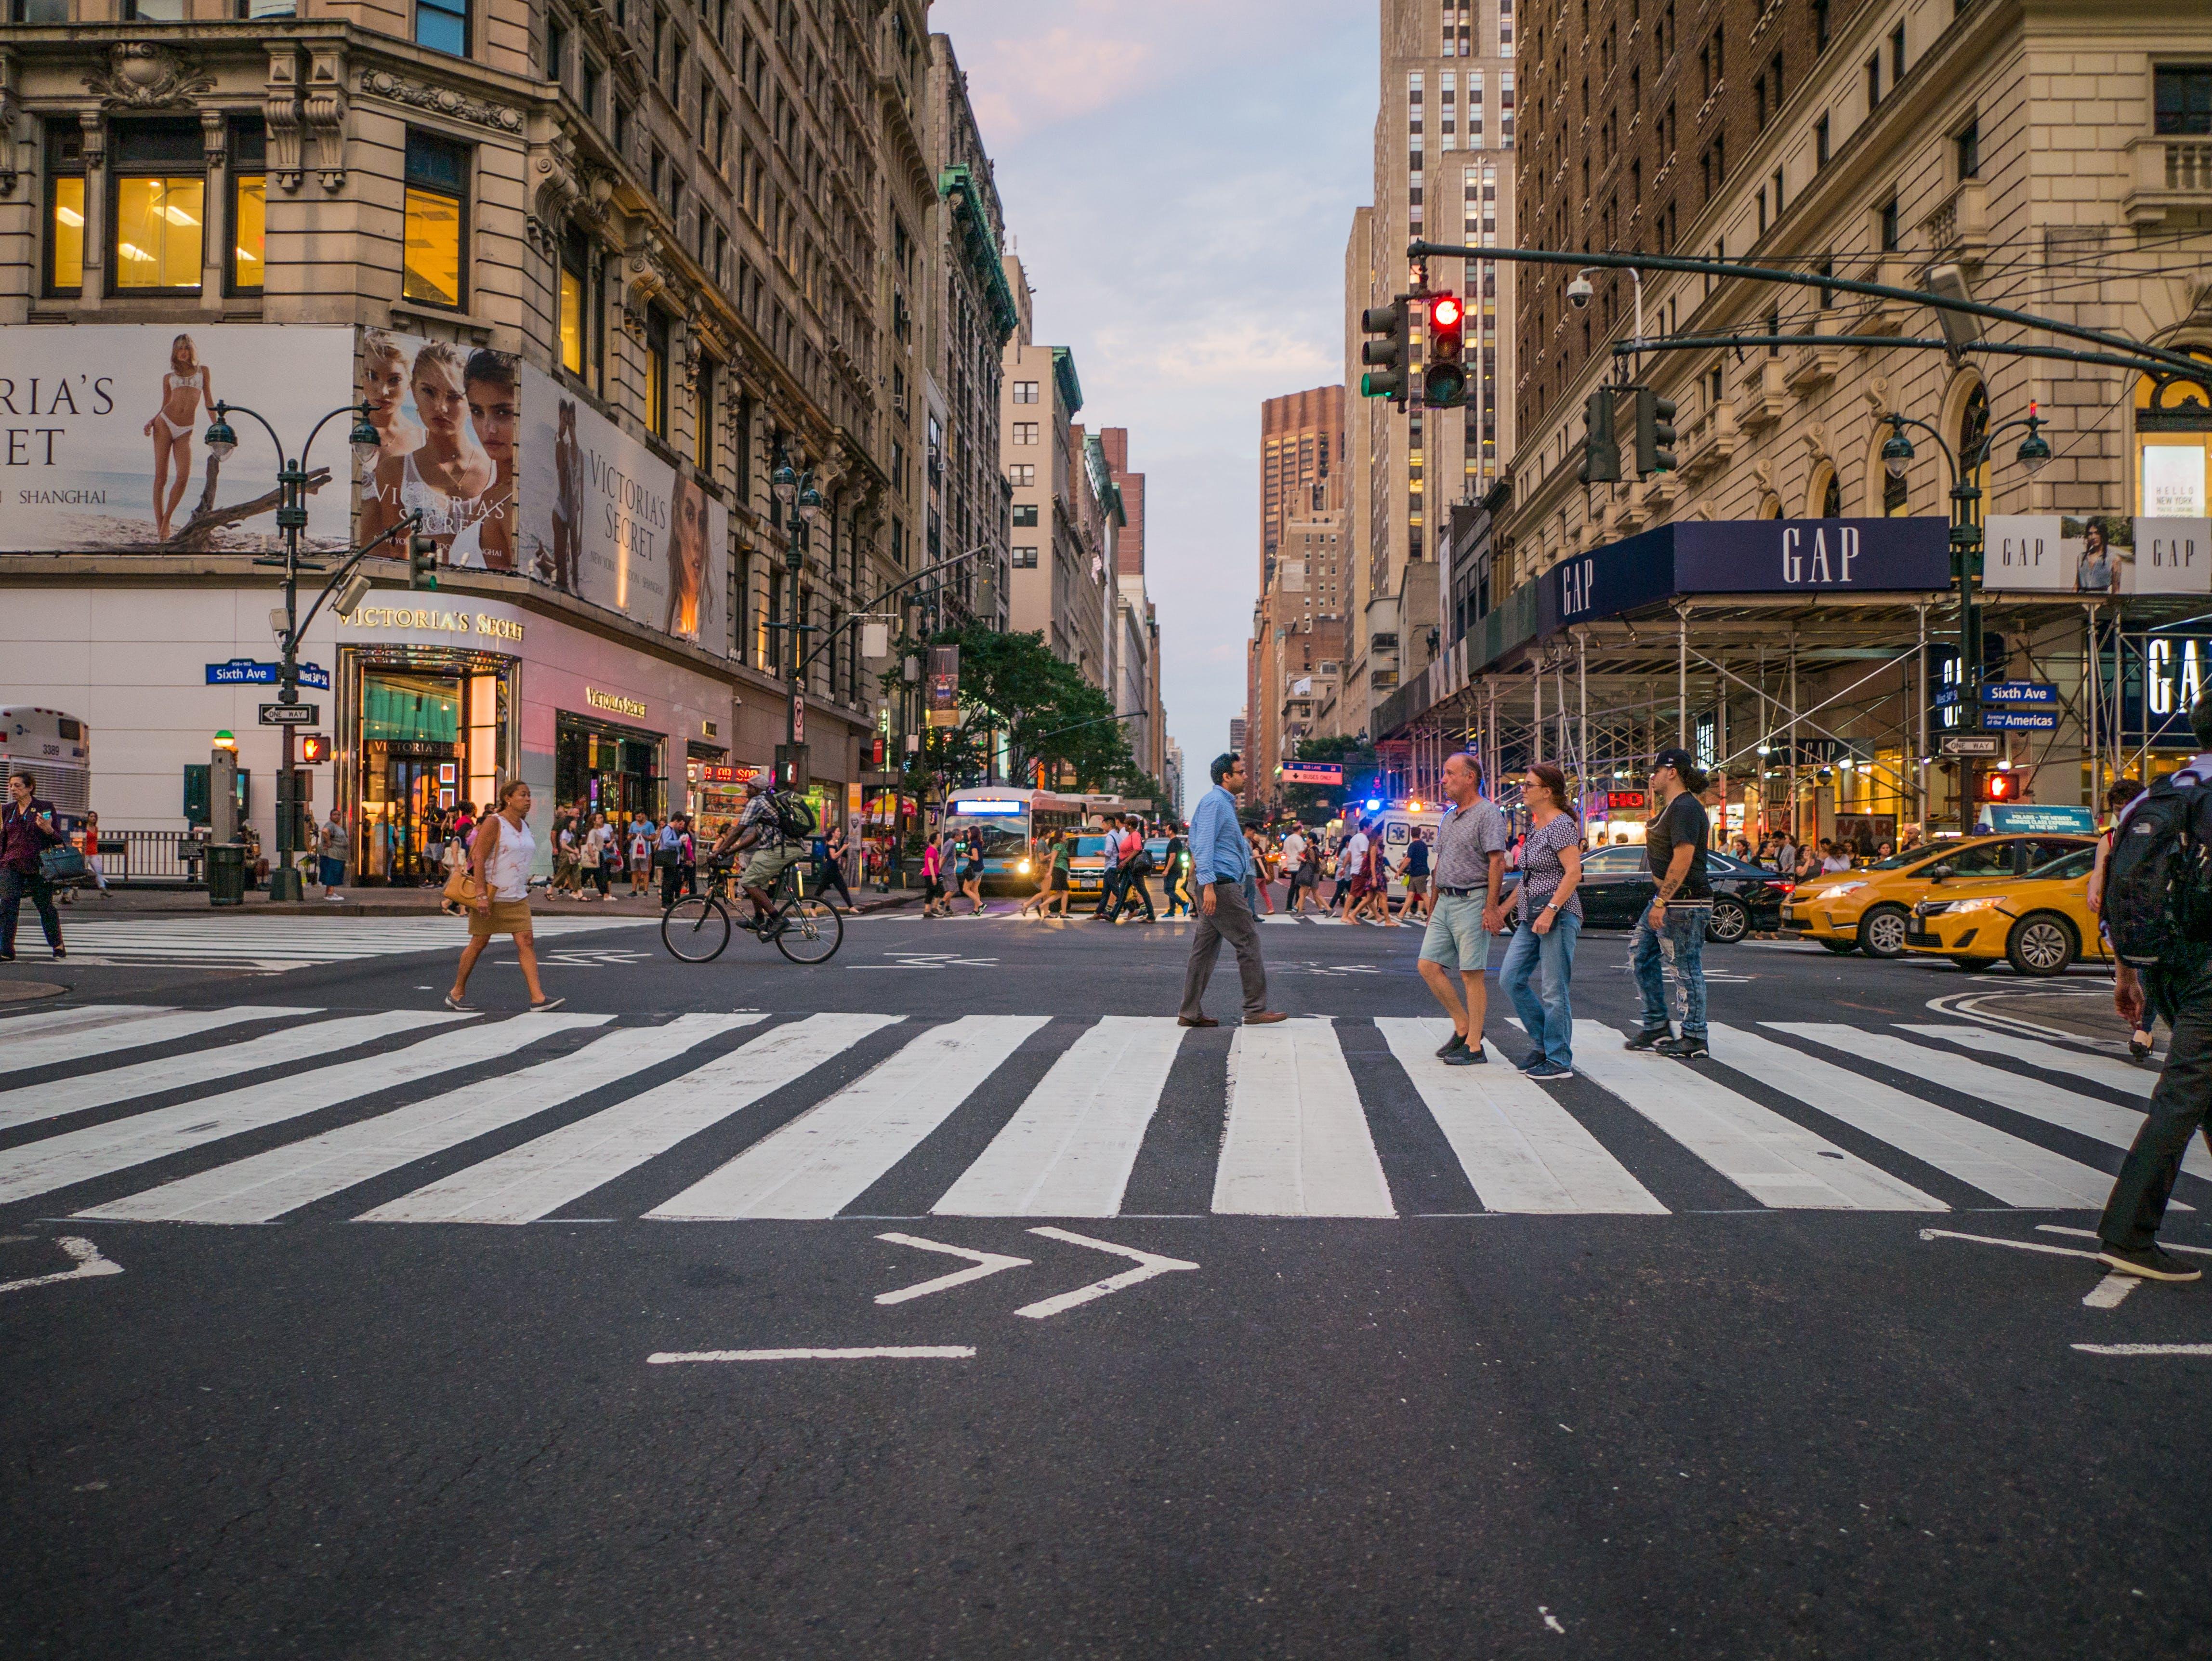 buildings, cars, crossing